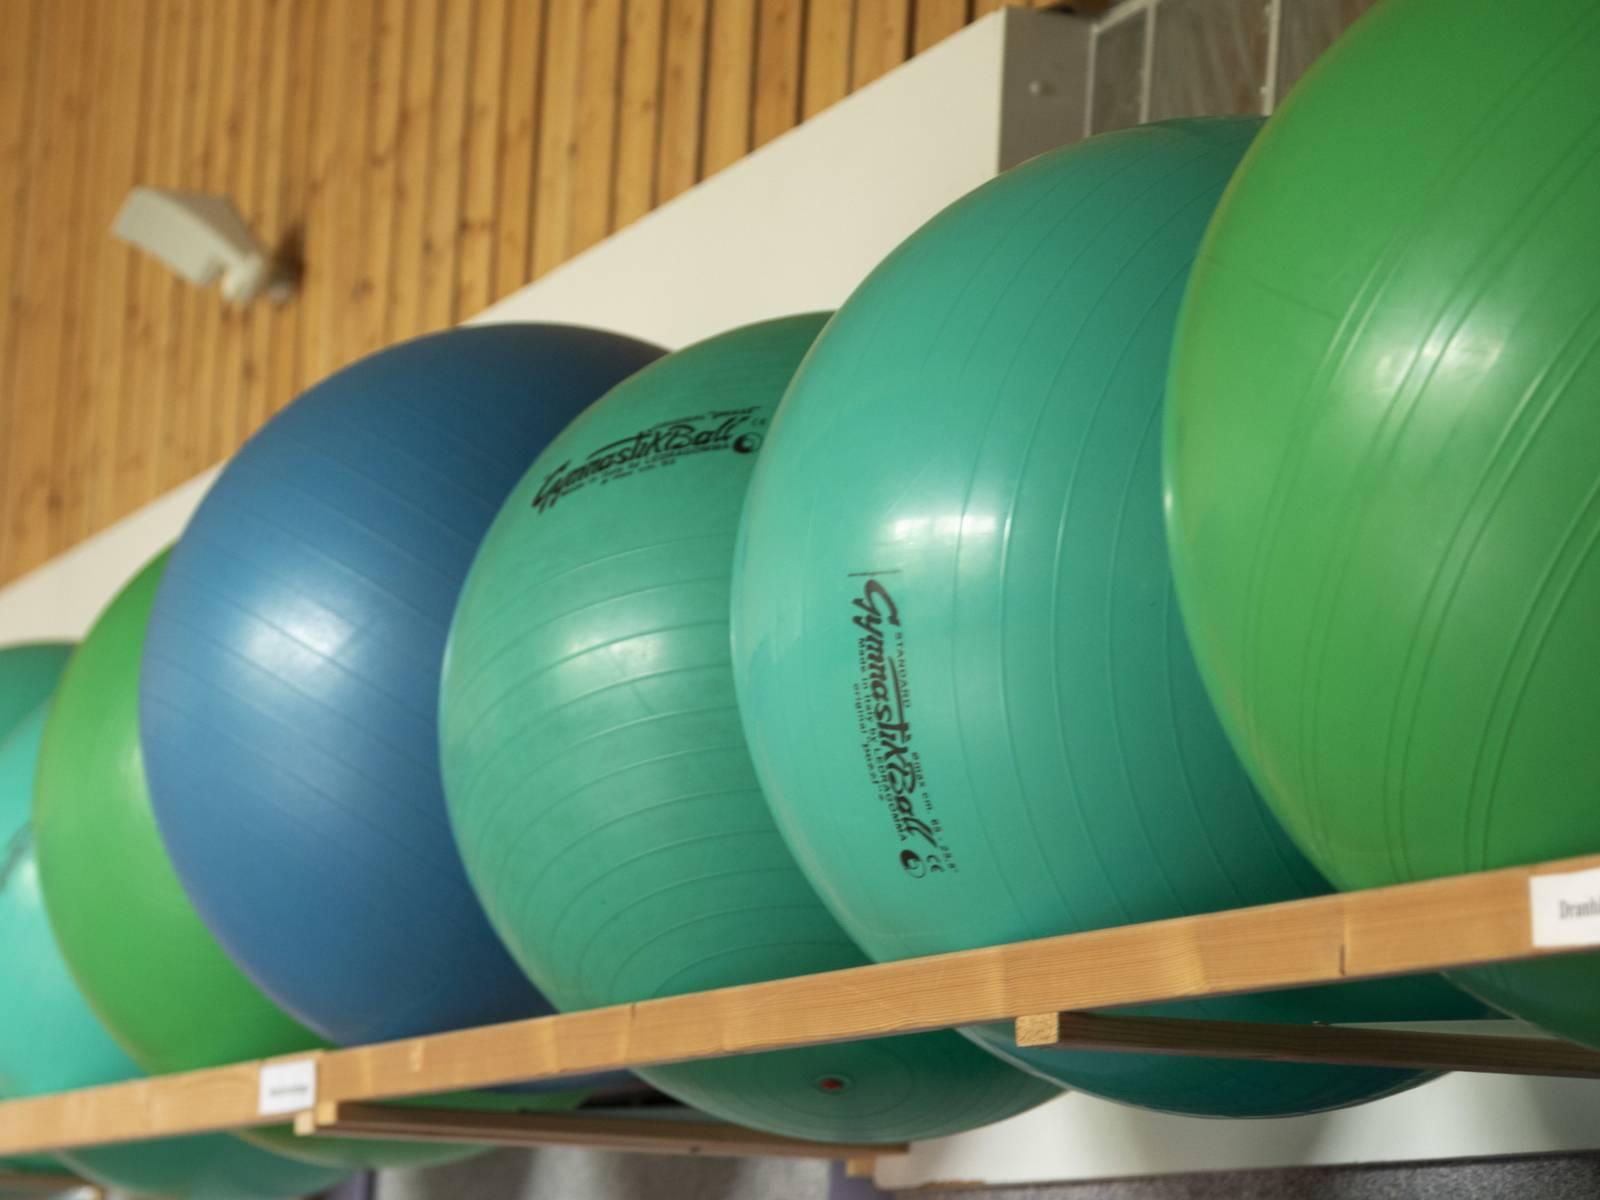 Gymnastikbälle  in einer Sporthalle